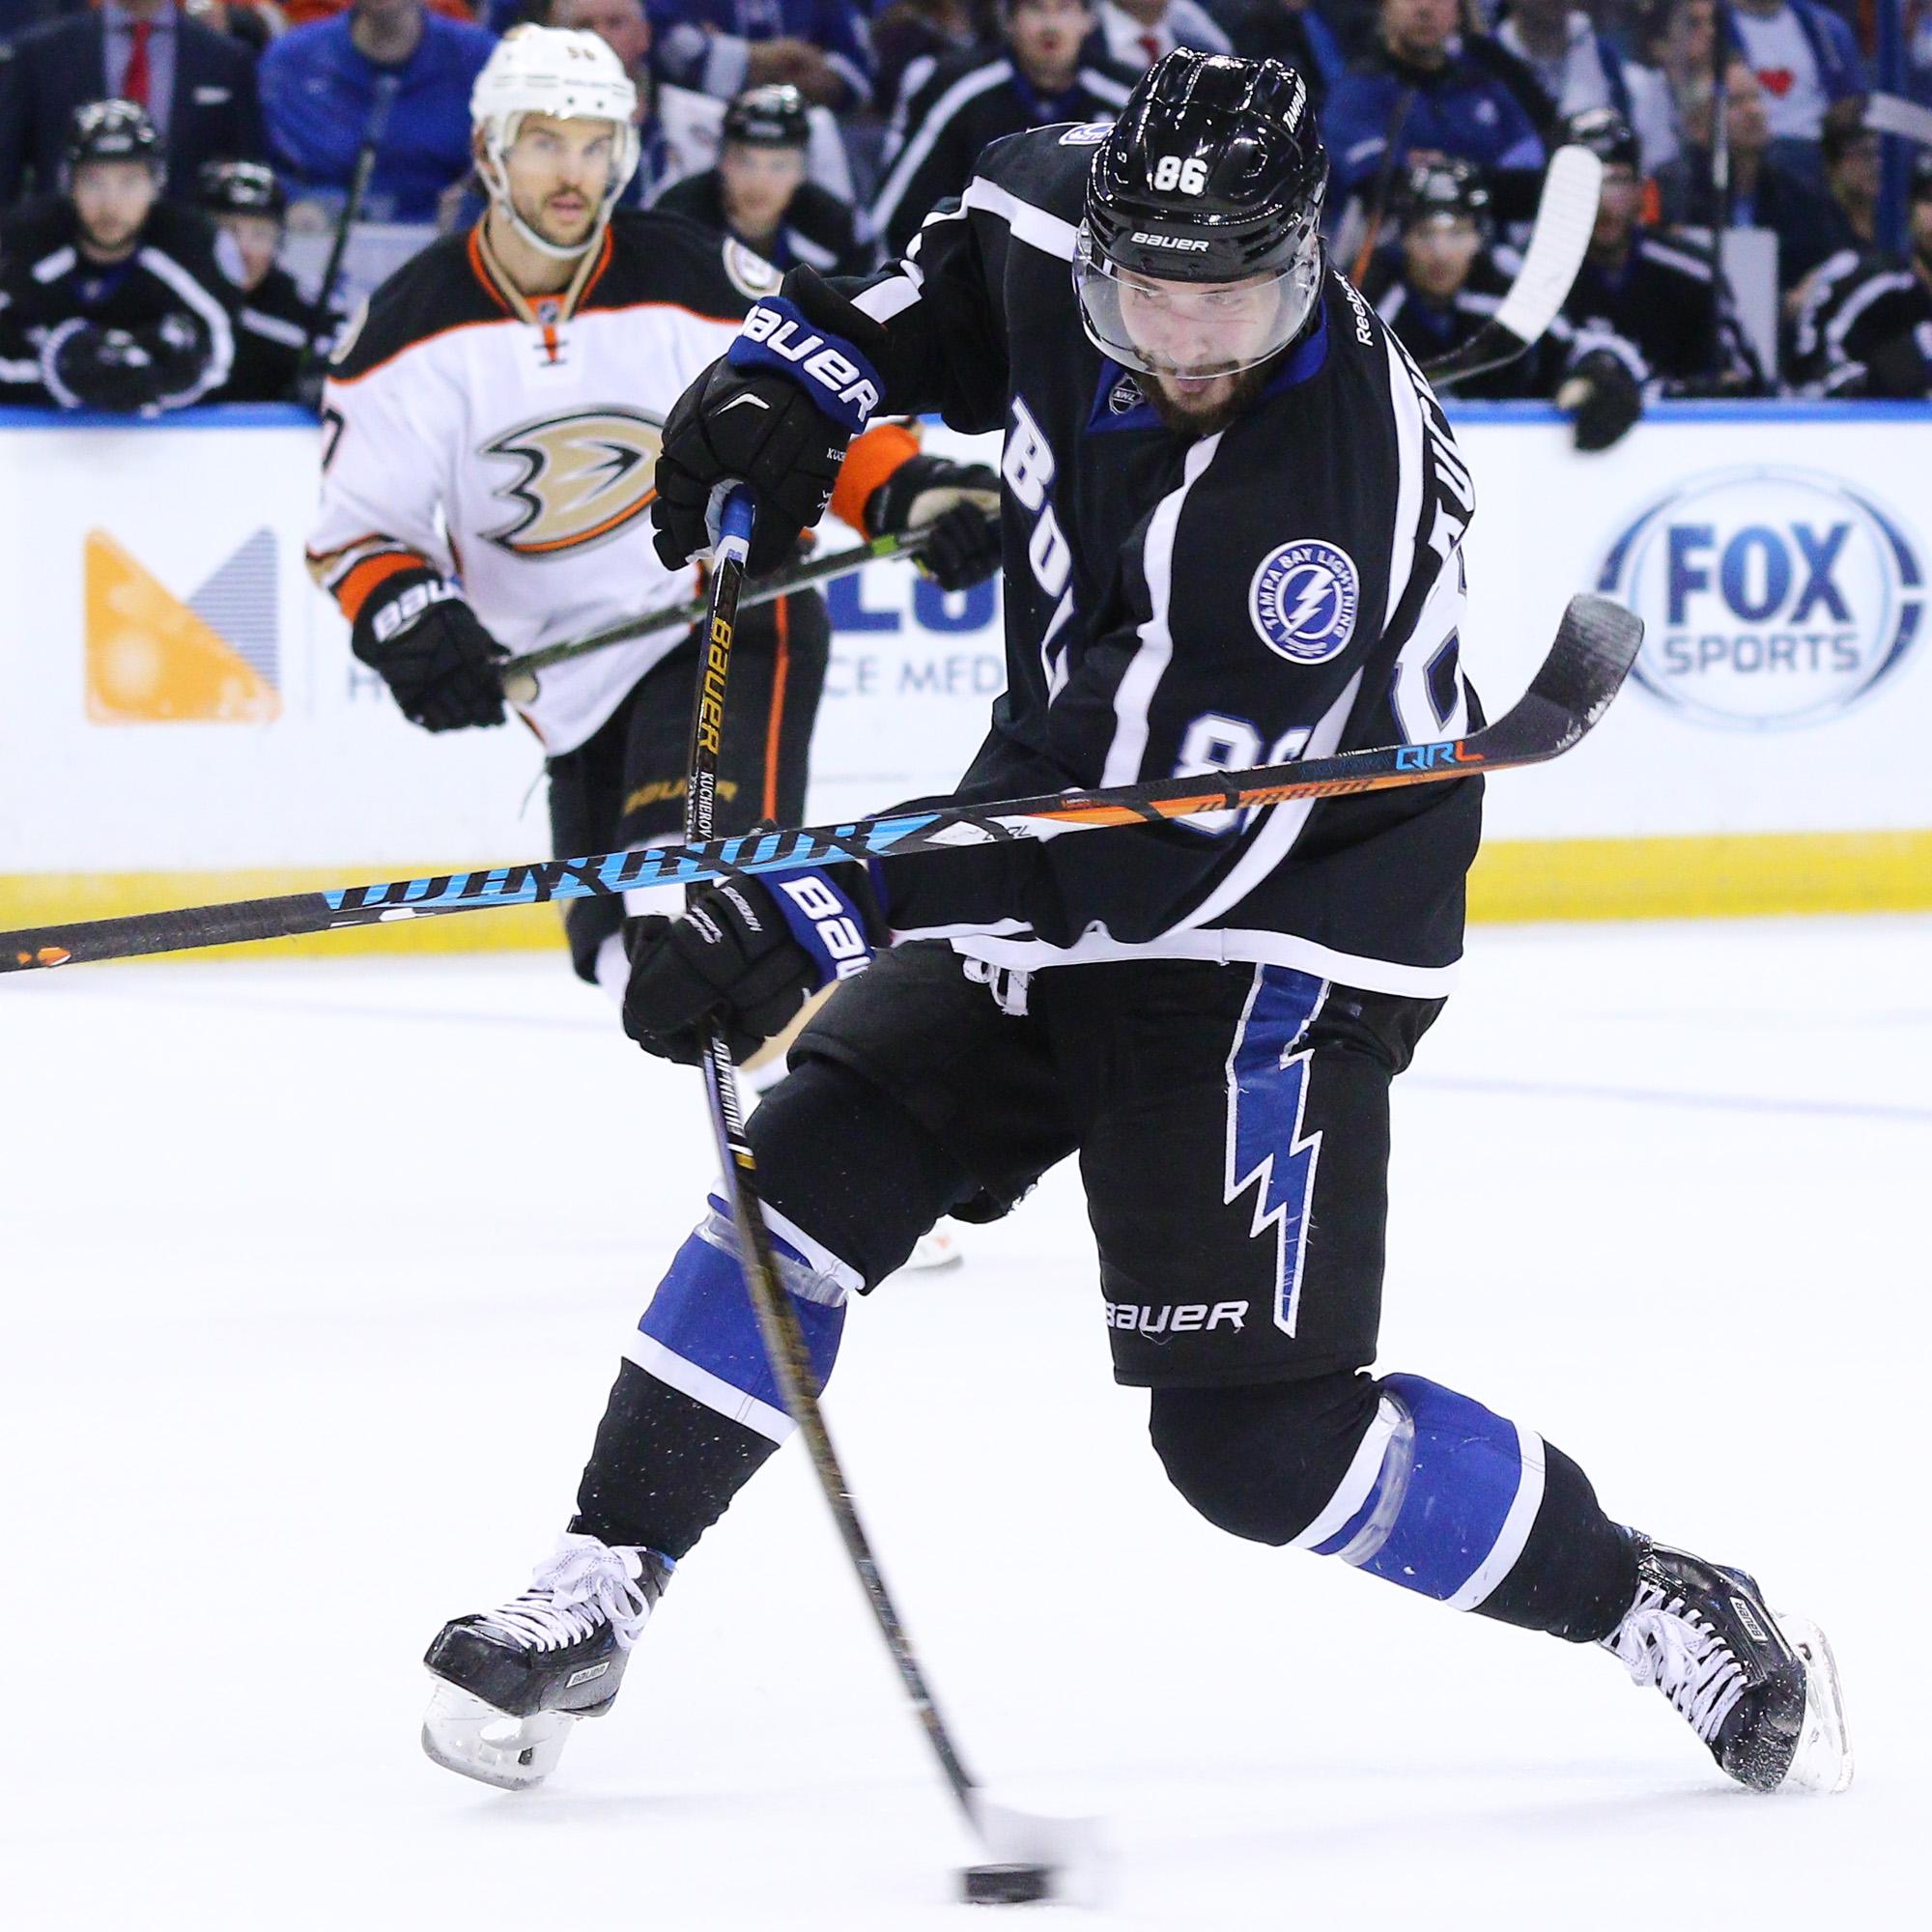 Kucherov scored two goals to lead the Lightning./ANDREW J. KRAMER